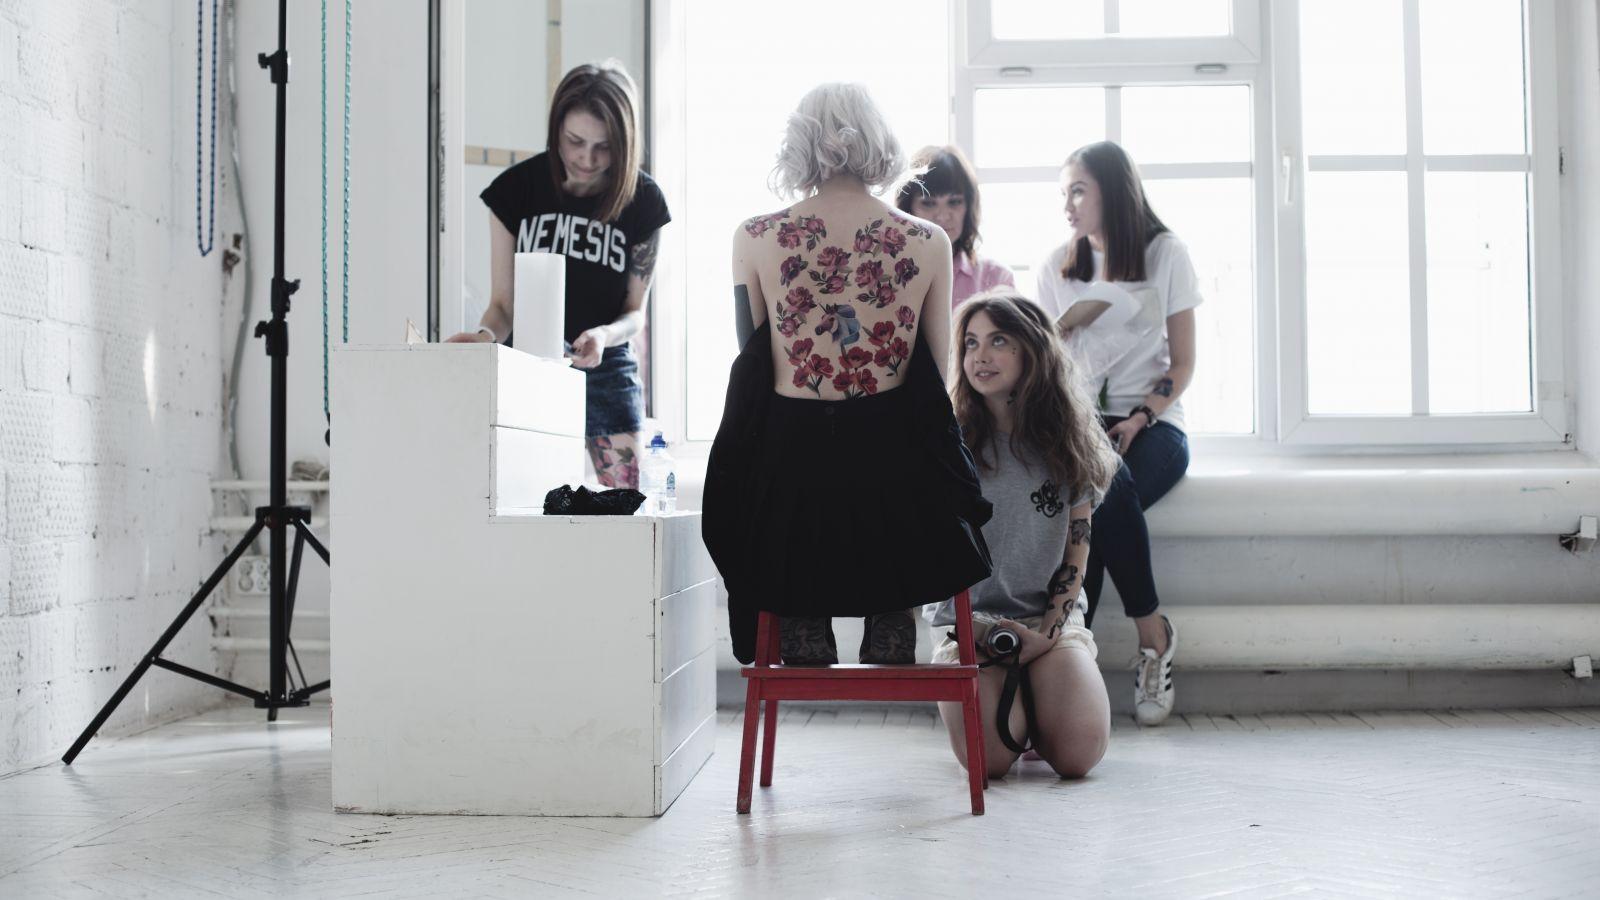 Временное решение: Estee Lauder и художник Sasha Unisex создали лукбук коллекции переводных тату